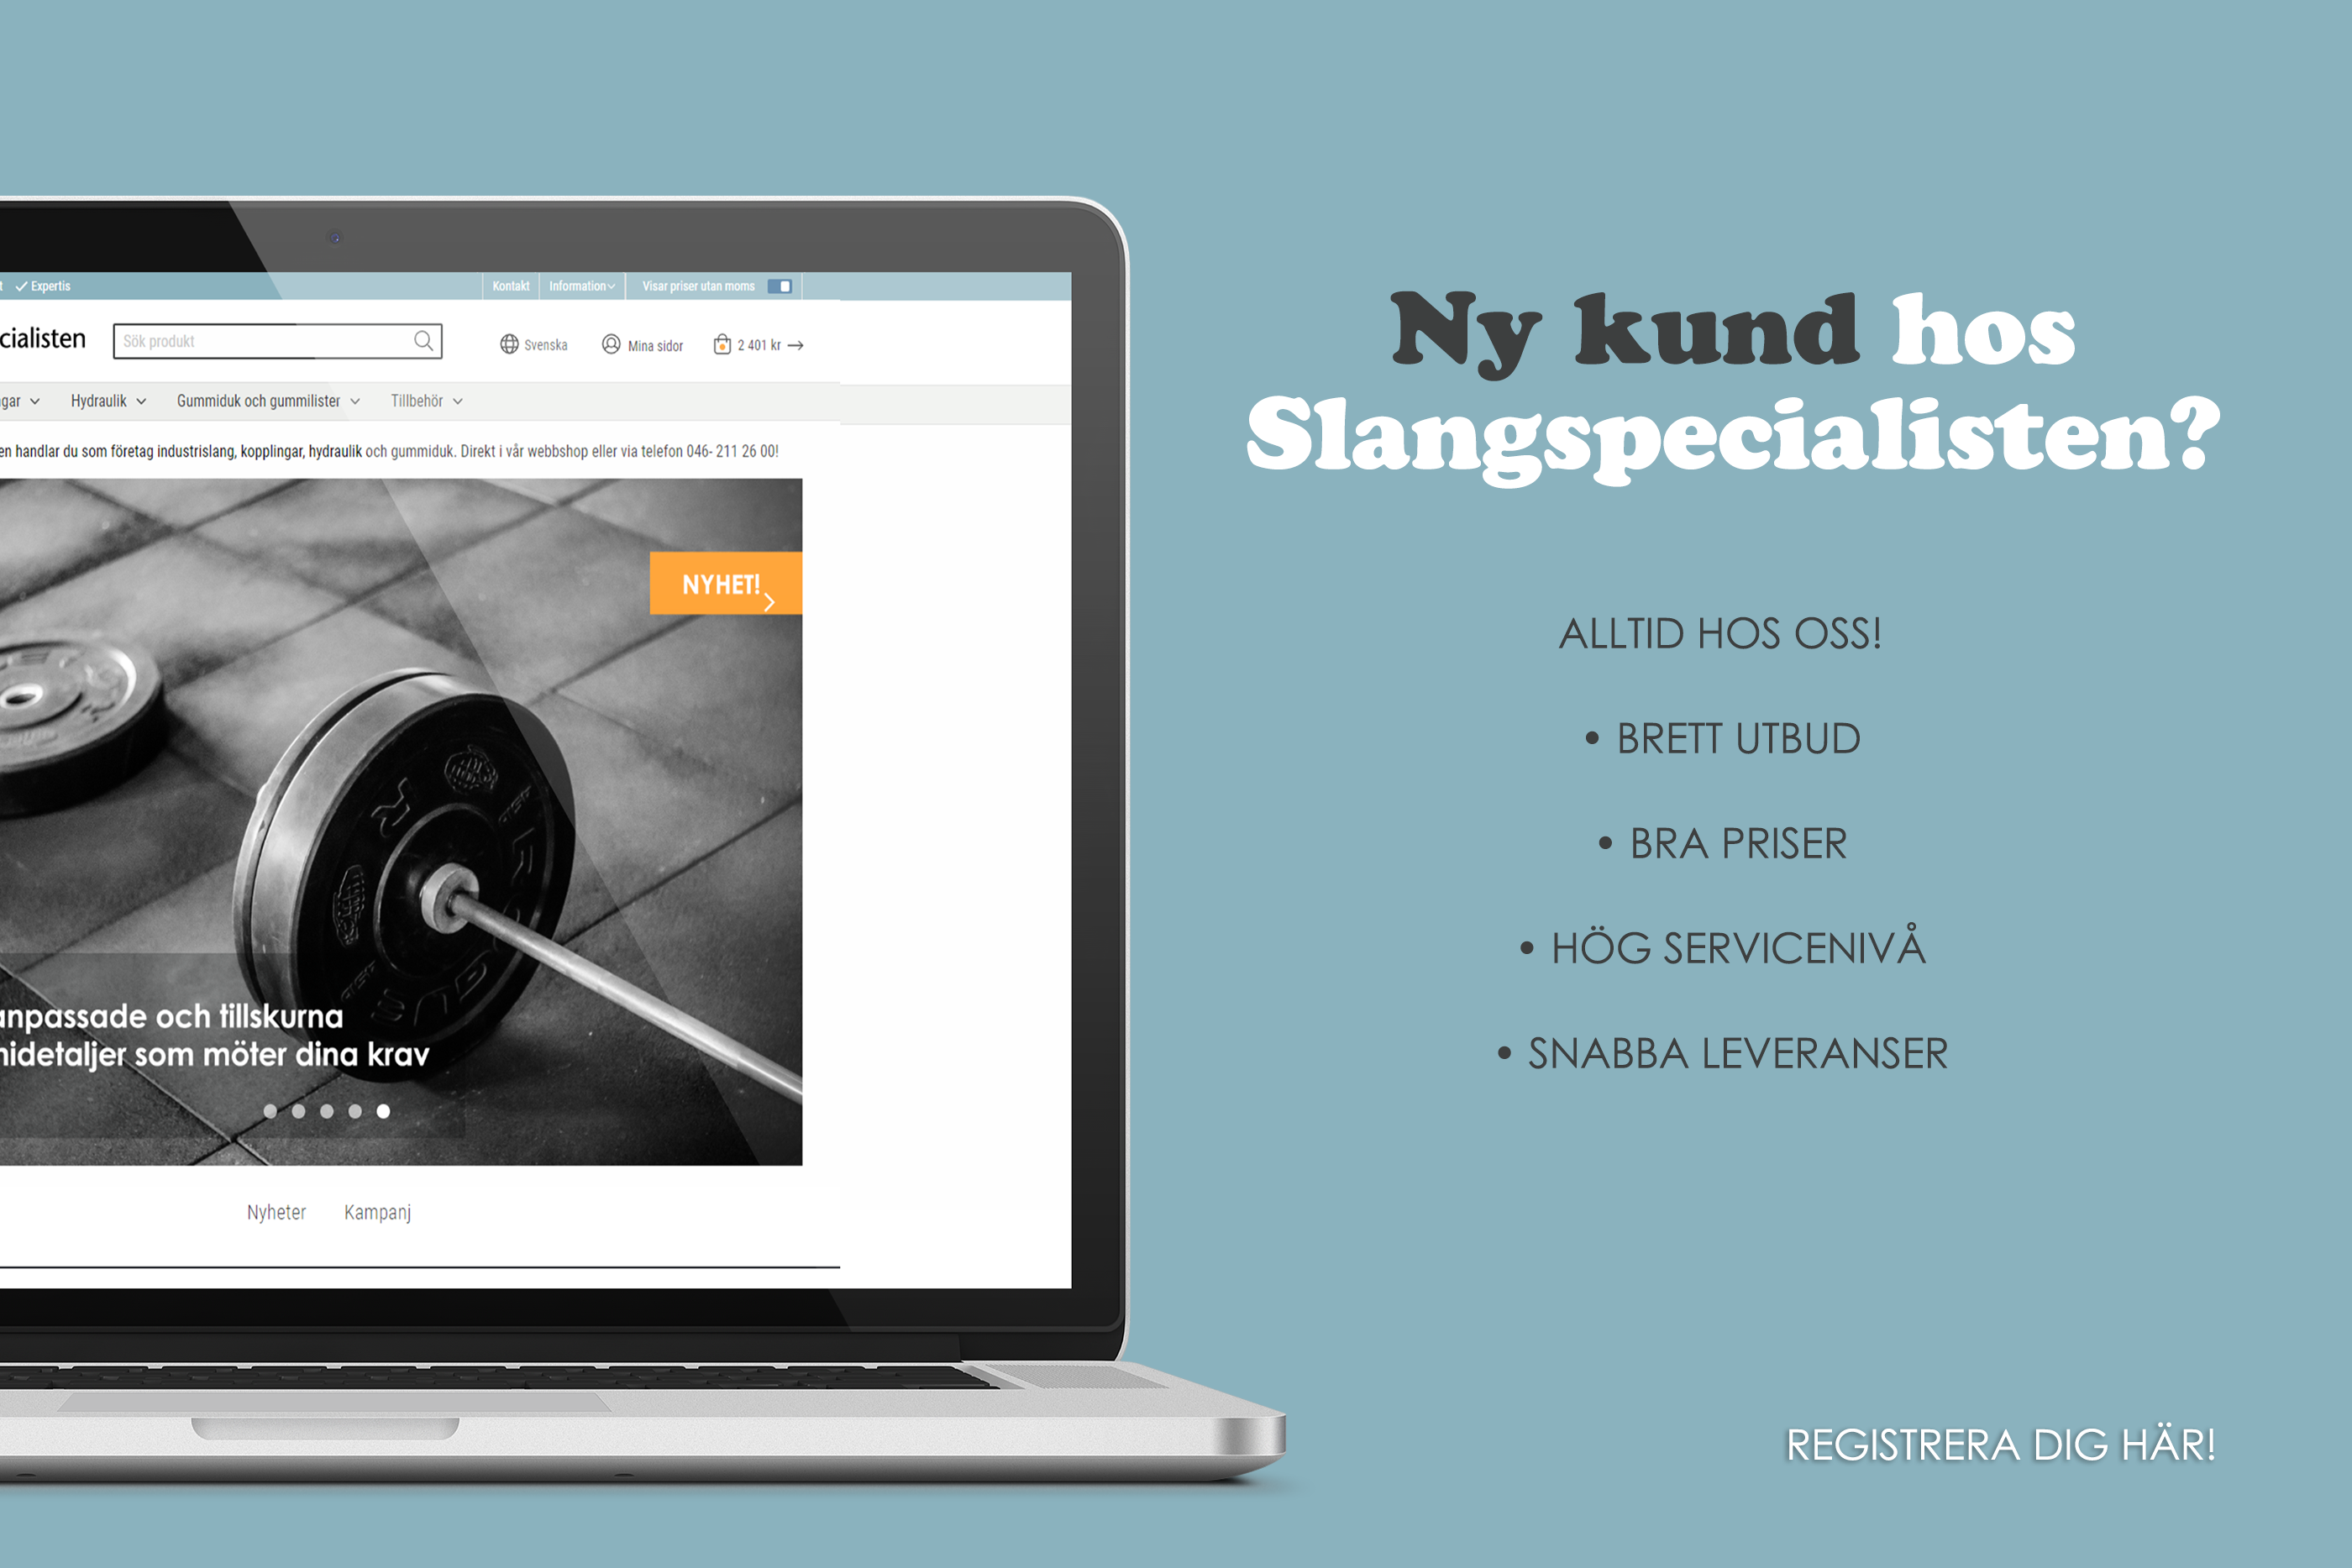 slider-image-https://slangspecialisten.testavendre.se/image/2267/nykund_1400px_.jpg.png